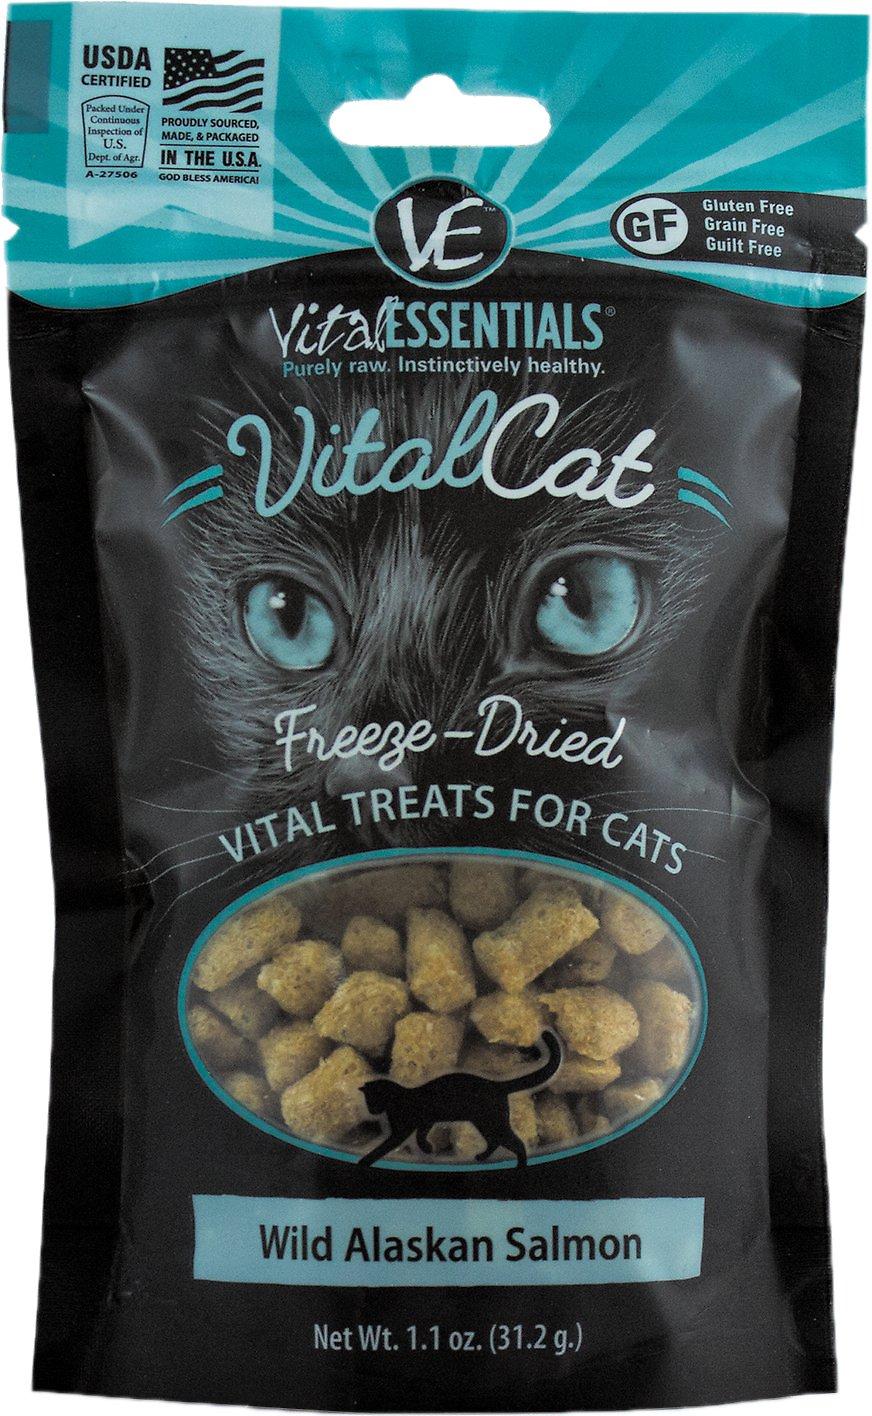 Vital Essentials Vital Cat Treats Wild Alaskan Salmon Freeze-Dried Cat Treats, 1.1-oz bag